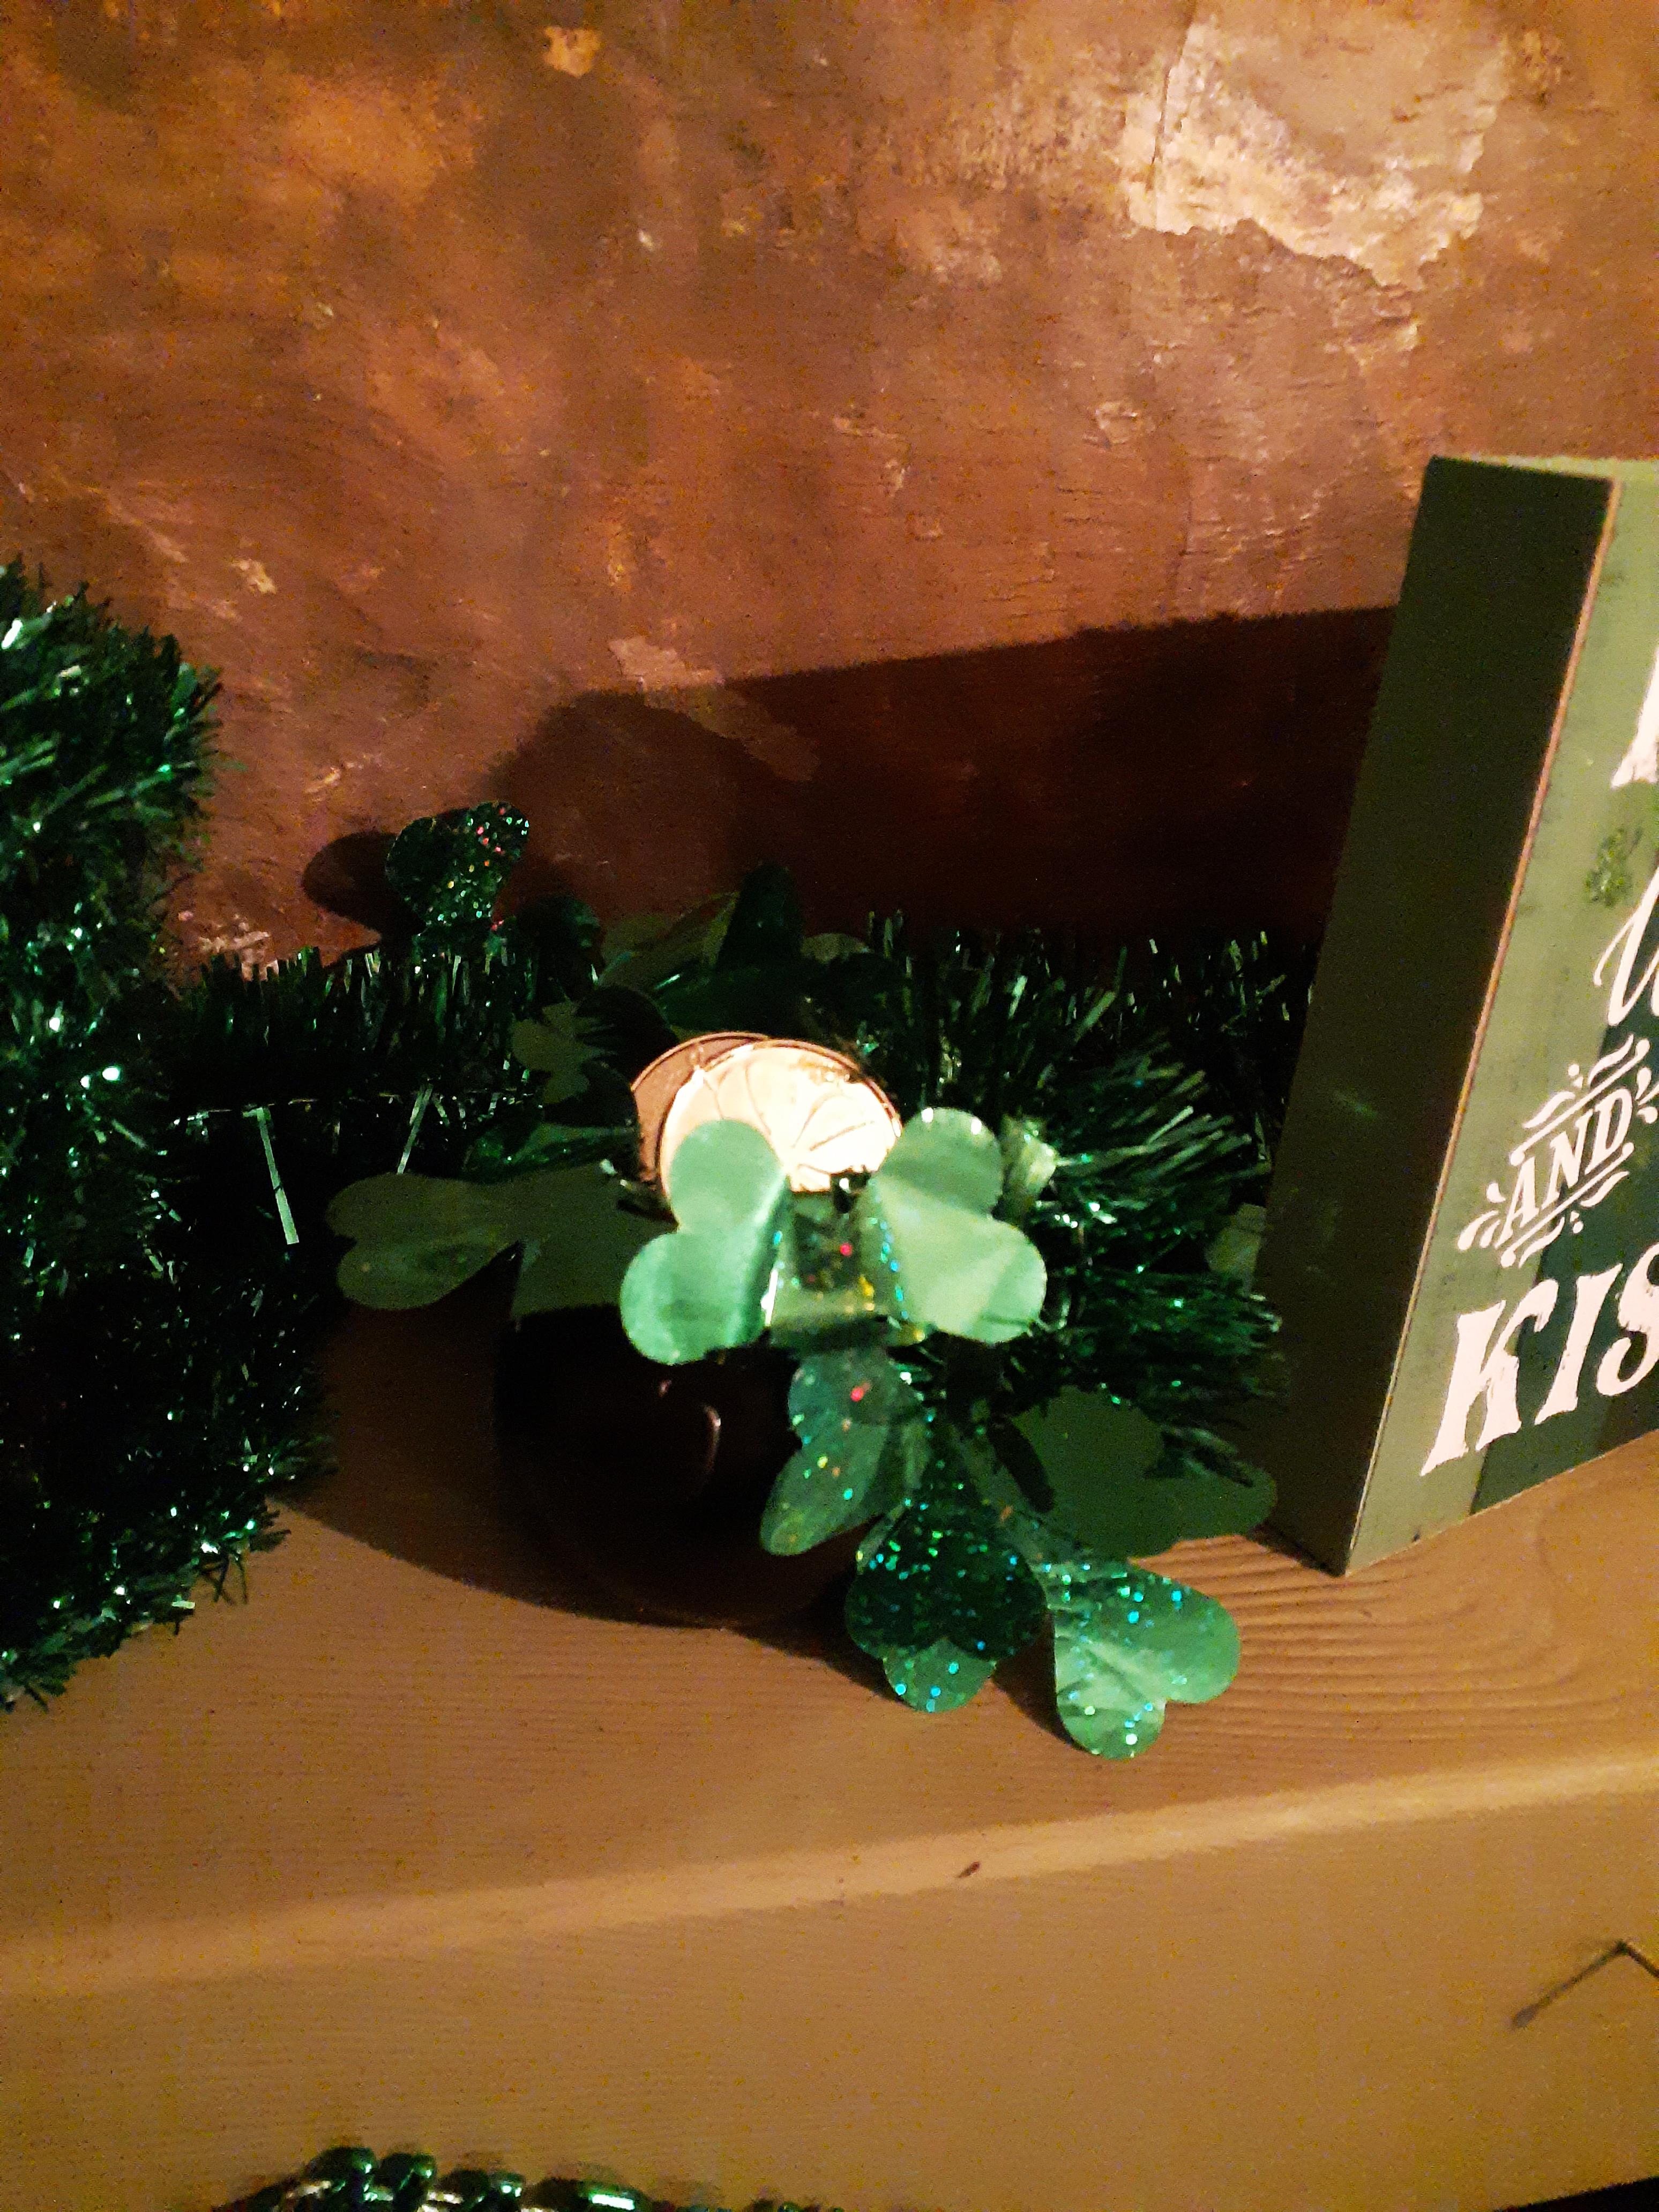 St. Patrick's Day pot of gold fireplace mantel decor